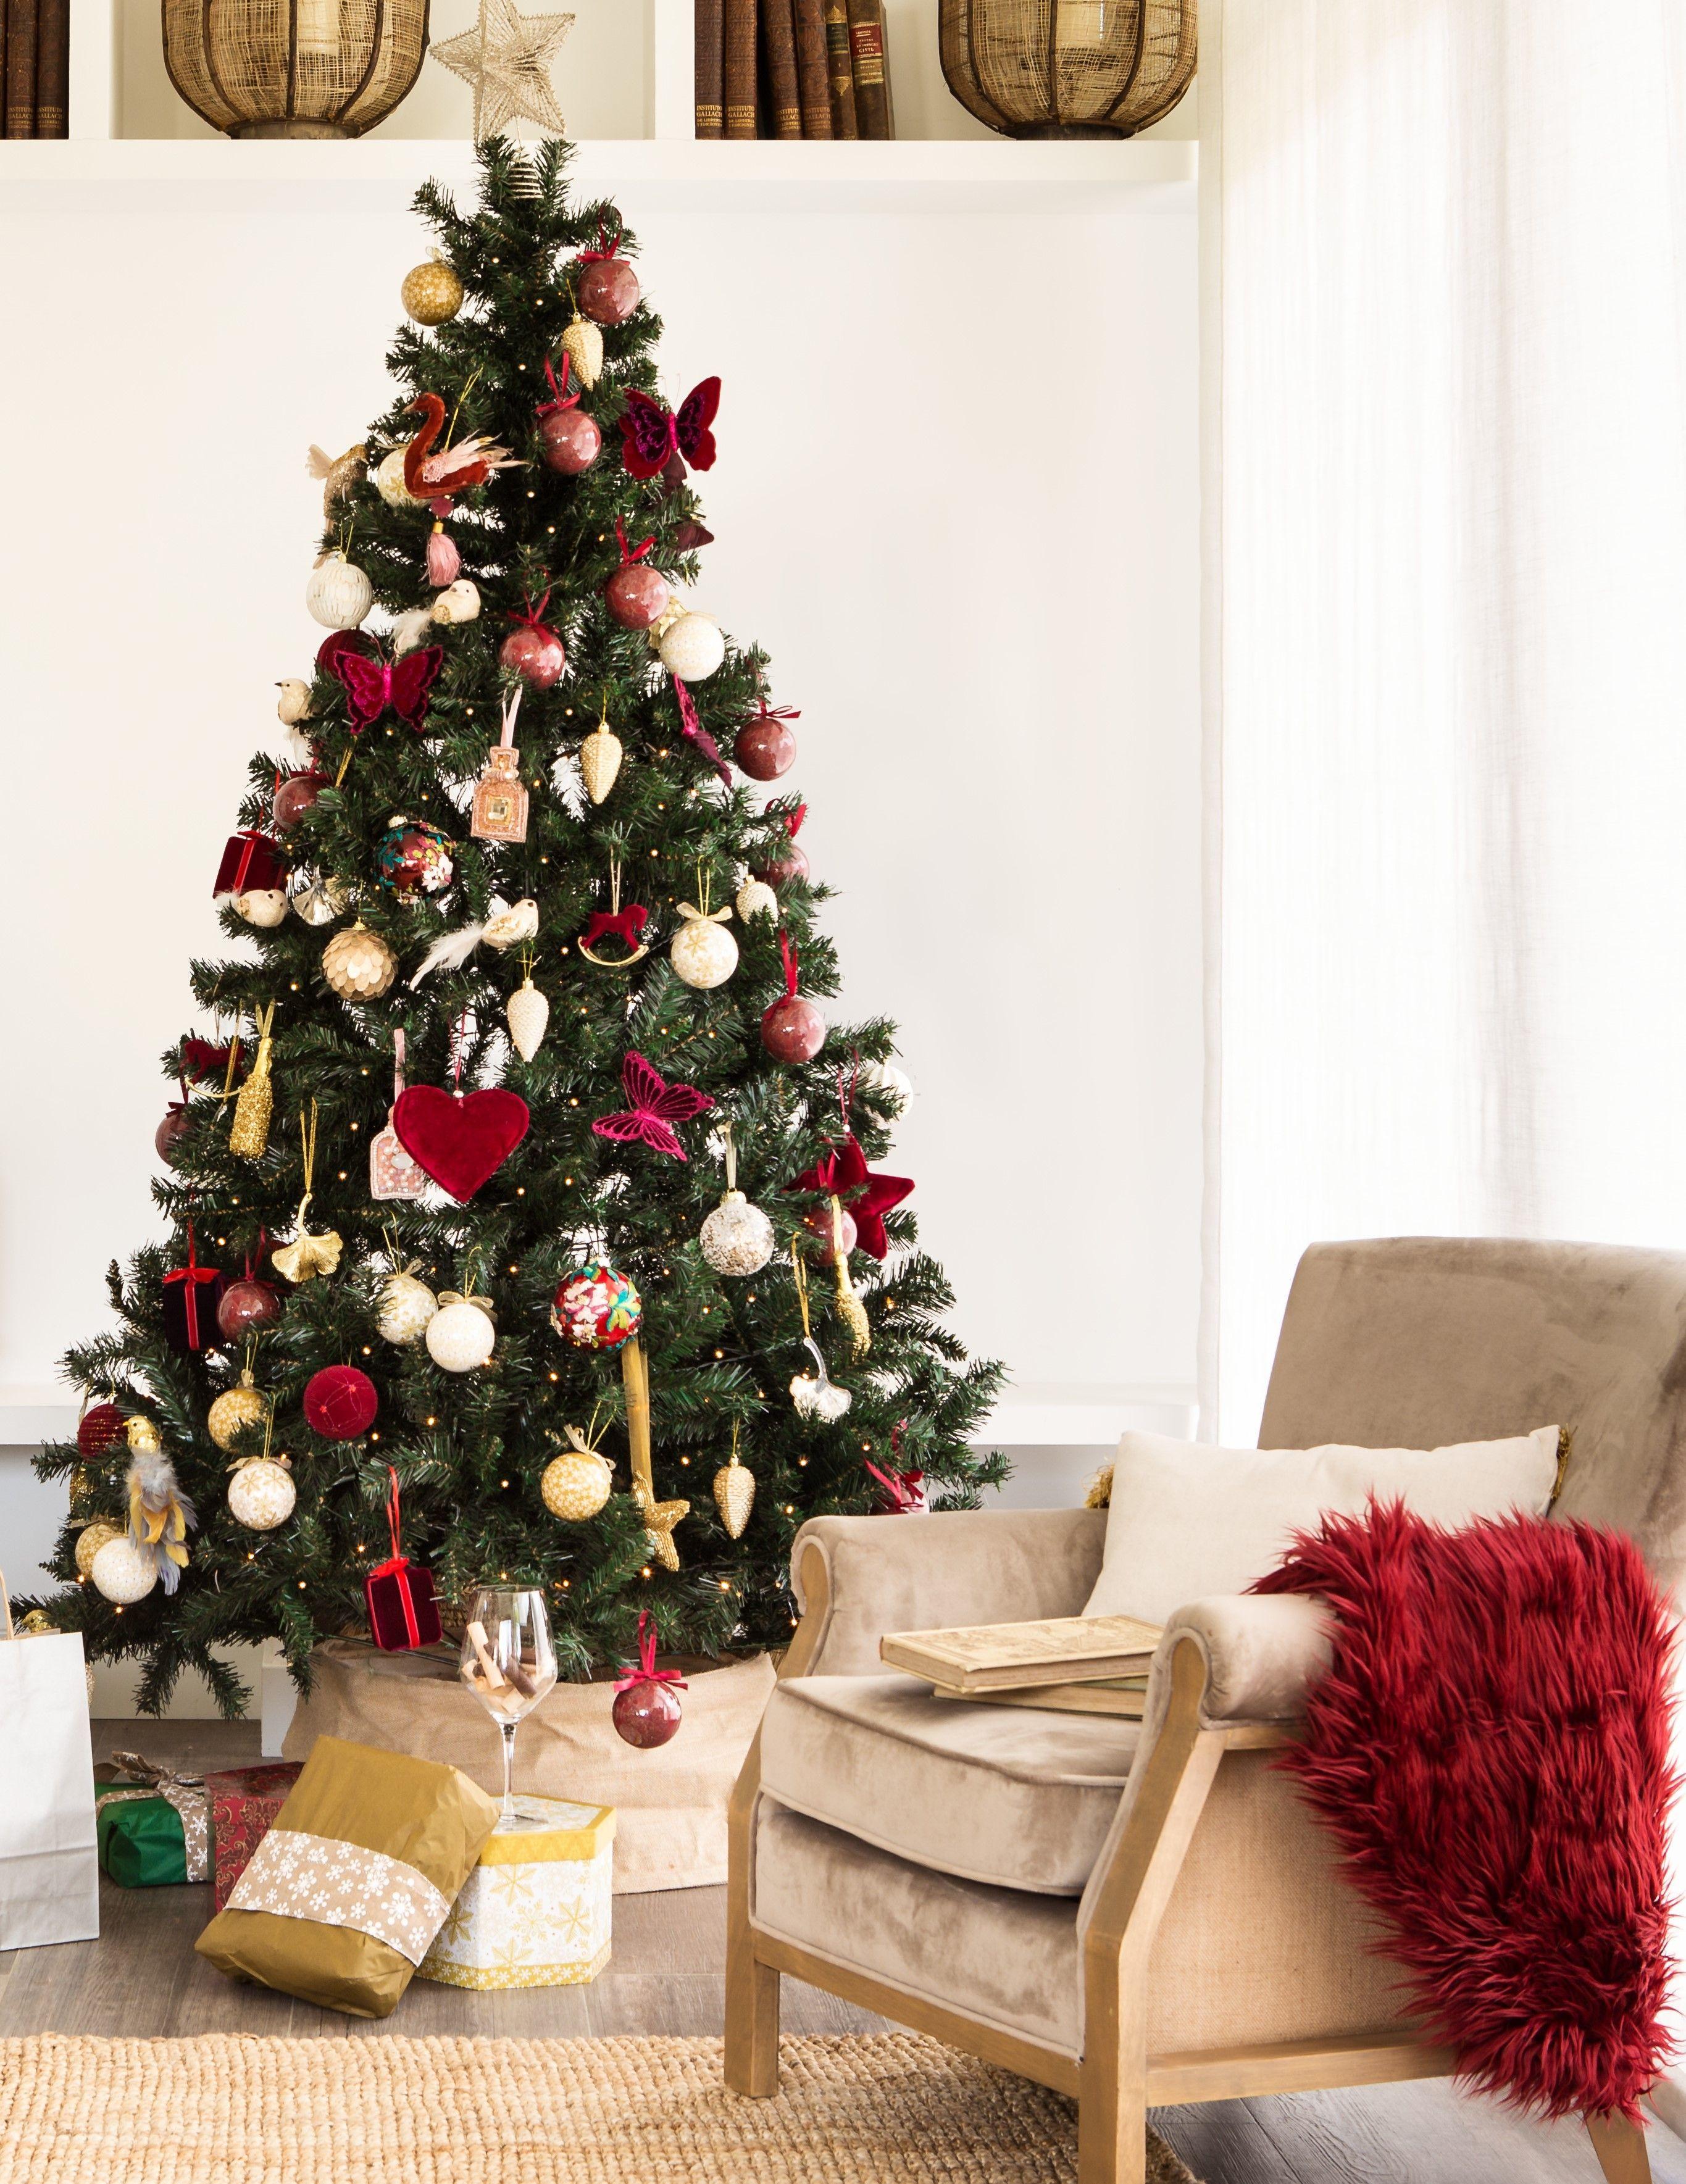 Kerstboomversiering Kerstboom Versieringen Kerstboomversieringen Kerst